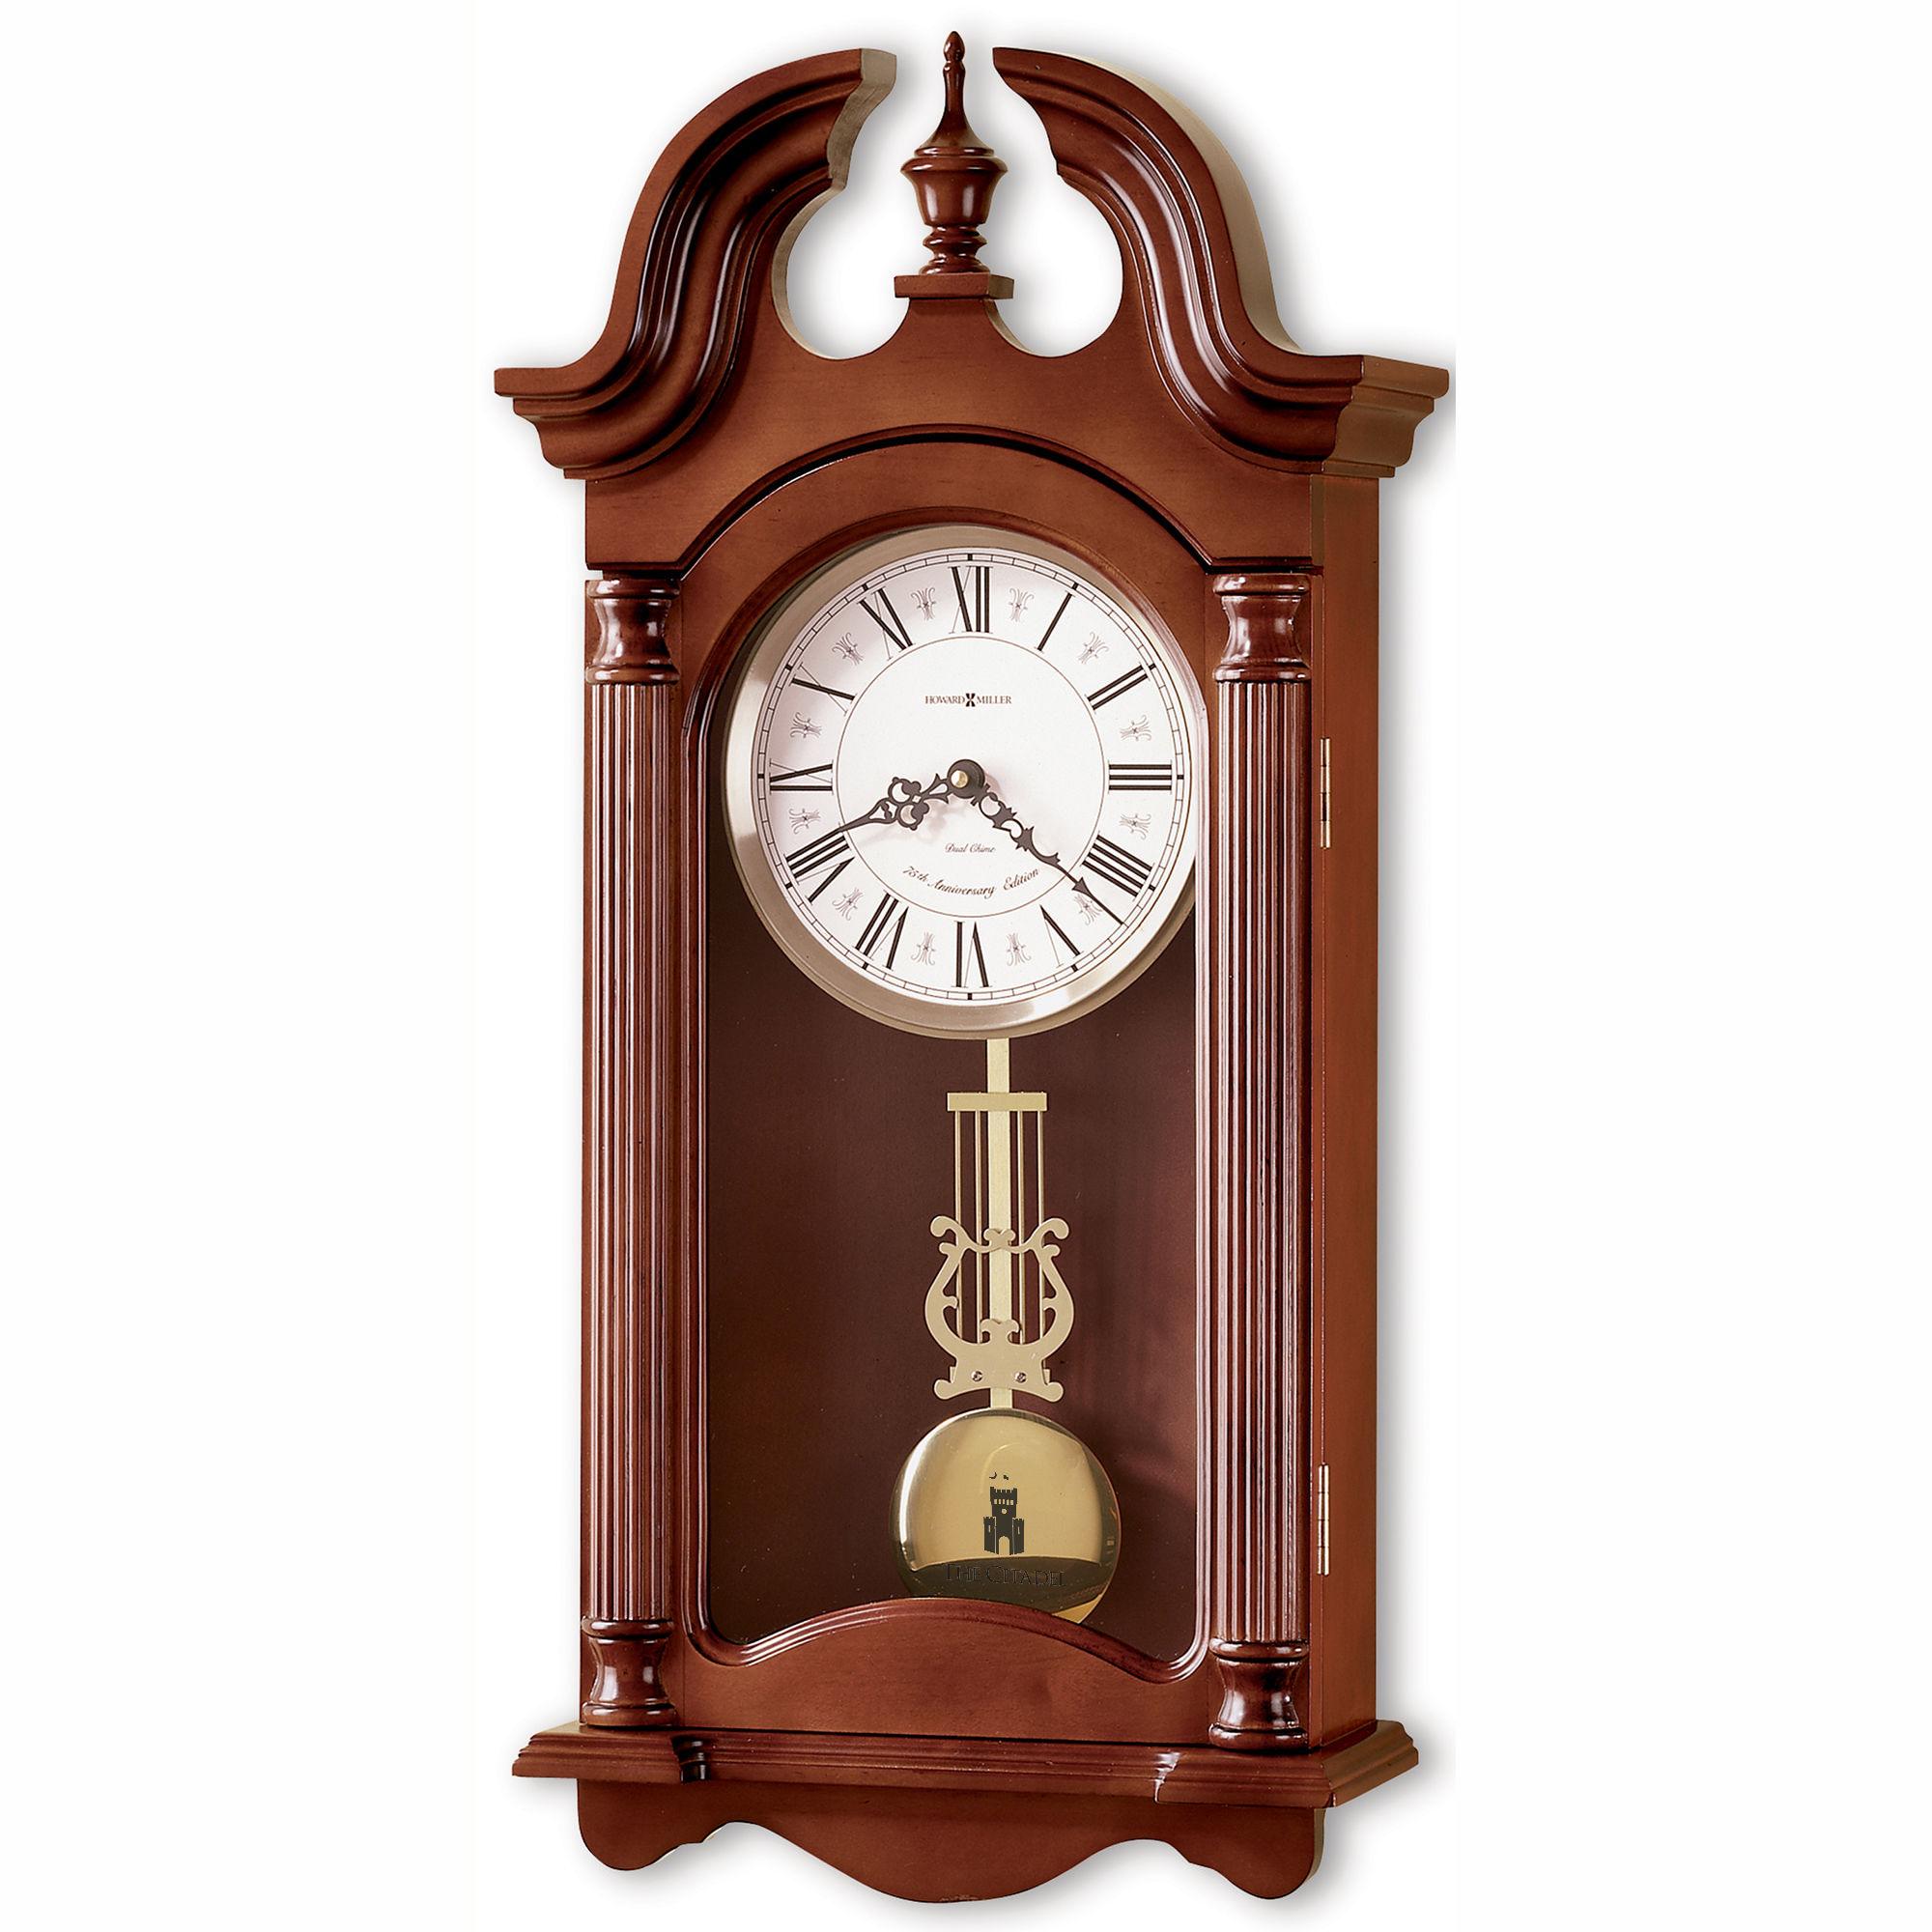 Citadel Howard Miller Wall Clock